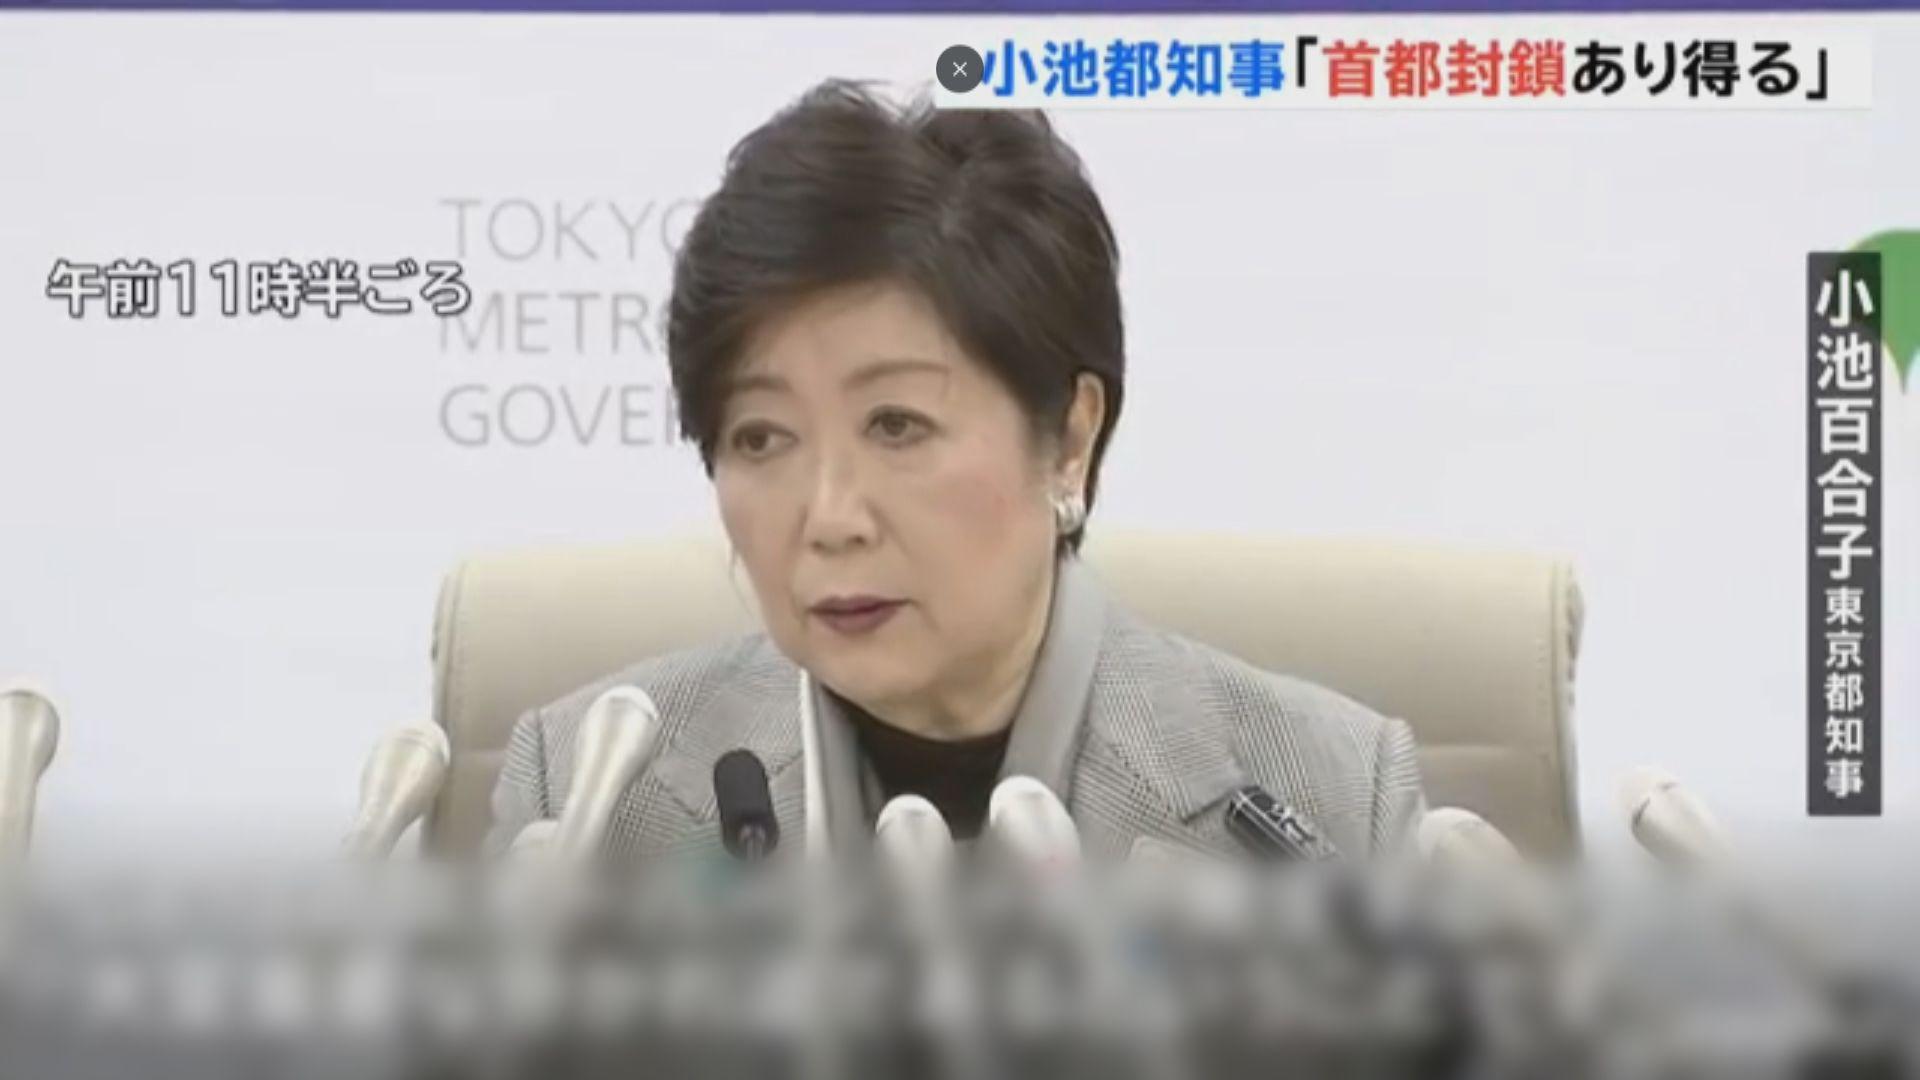 若東京出現大規模感染 都知事會考慮封城